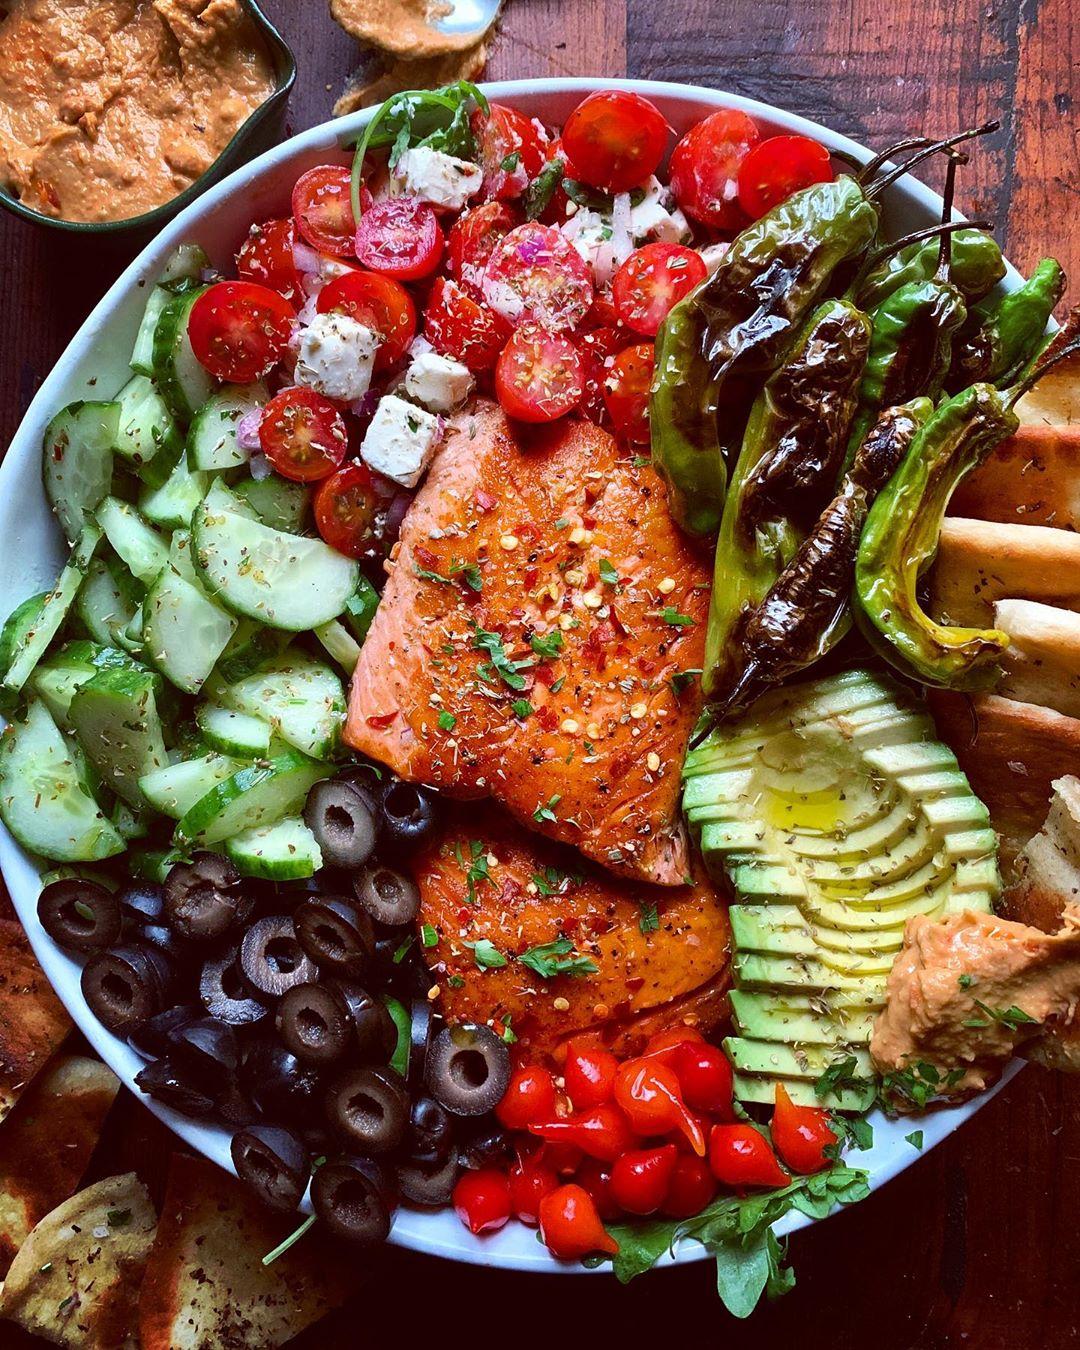 Ensalada de verduras con salmón